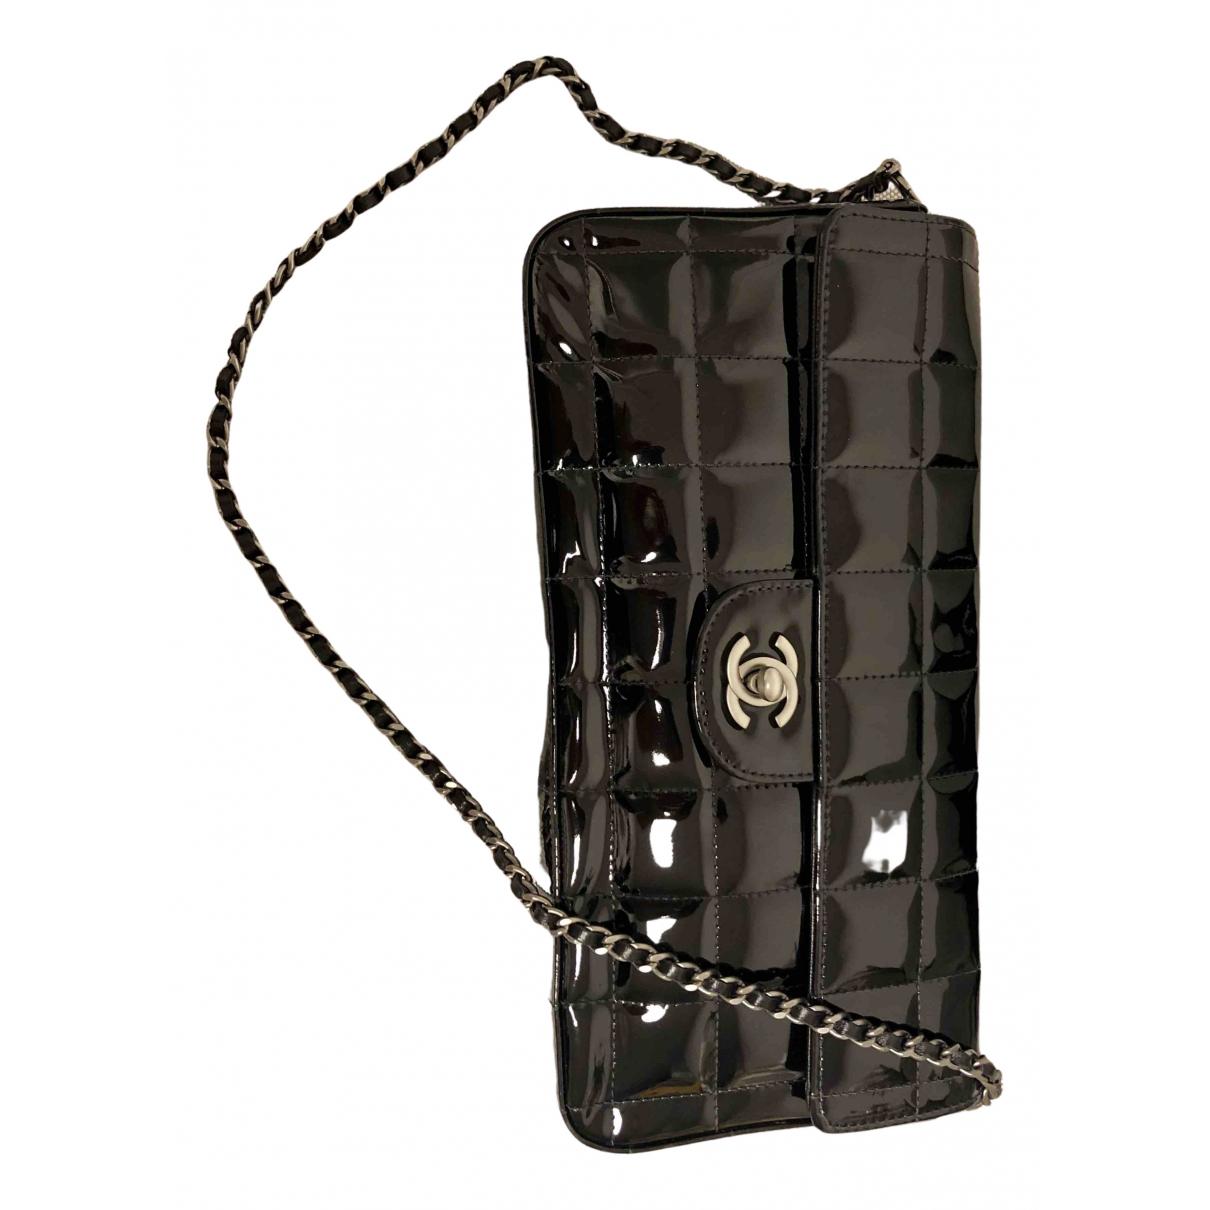 Chanel East West Chocolate Bar Handtasche in  Schwarz Lackleder